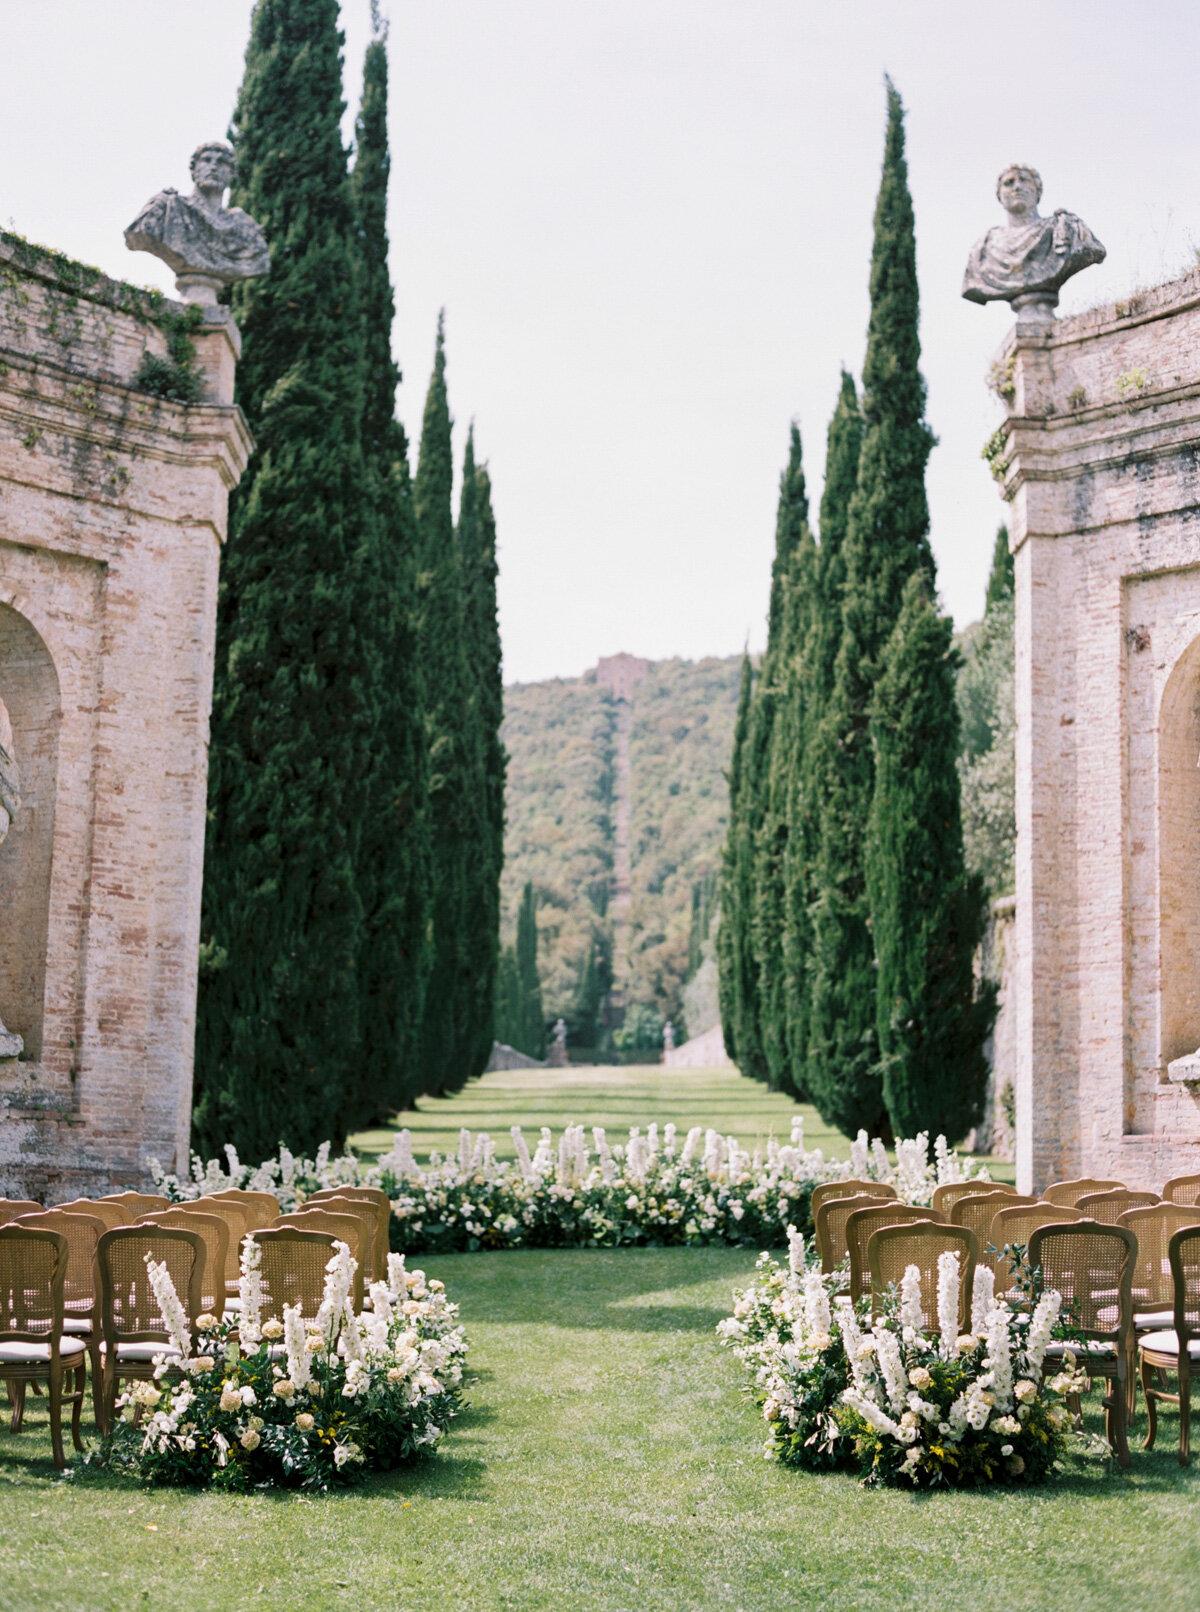 Villa-Cetinale-Tuscany-Katie-Grant-destination-wedding (48 of 115).jpg